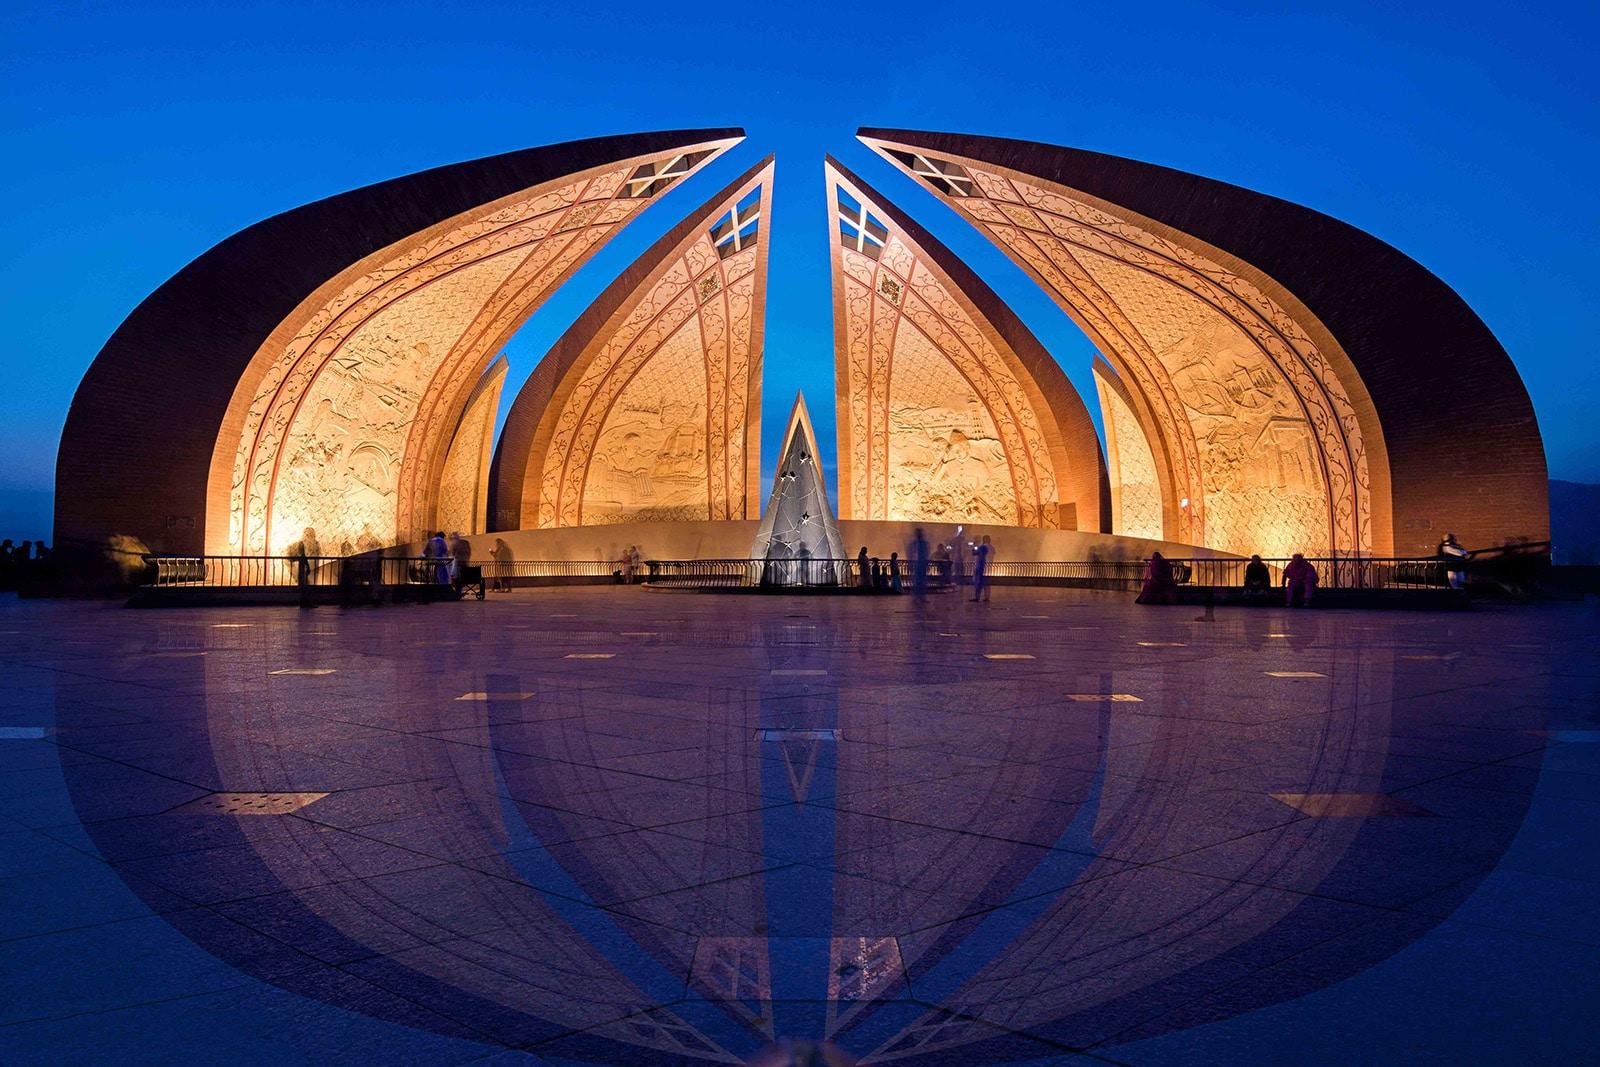 islamabad 1